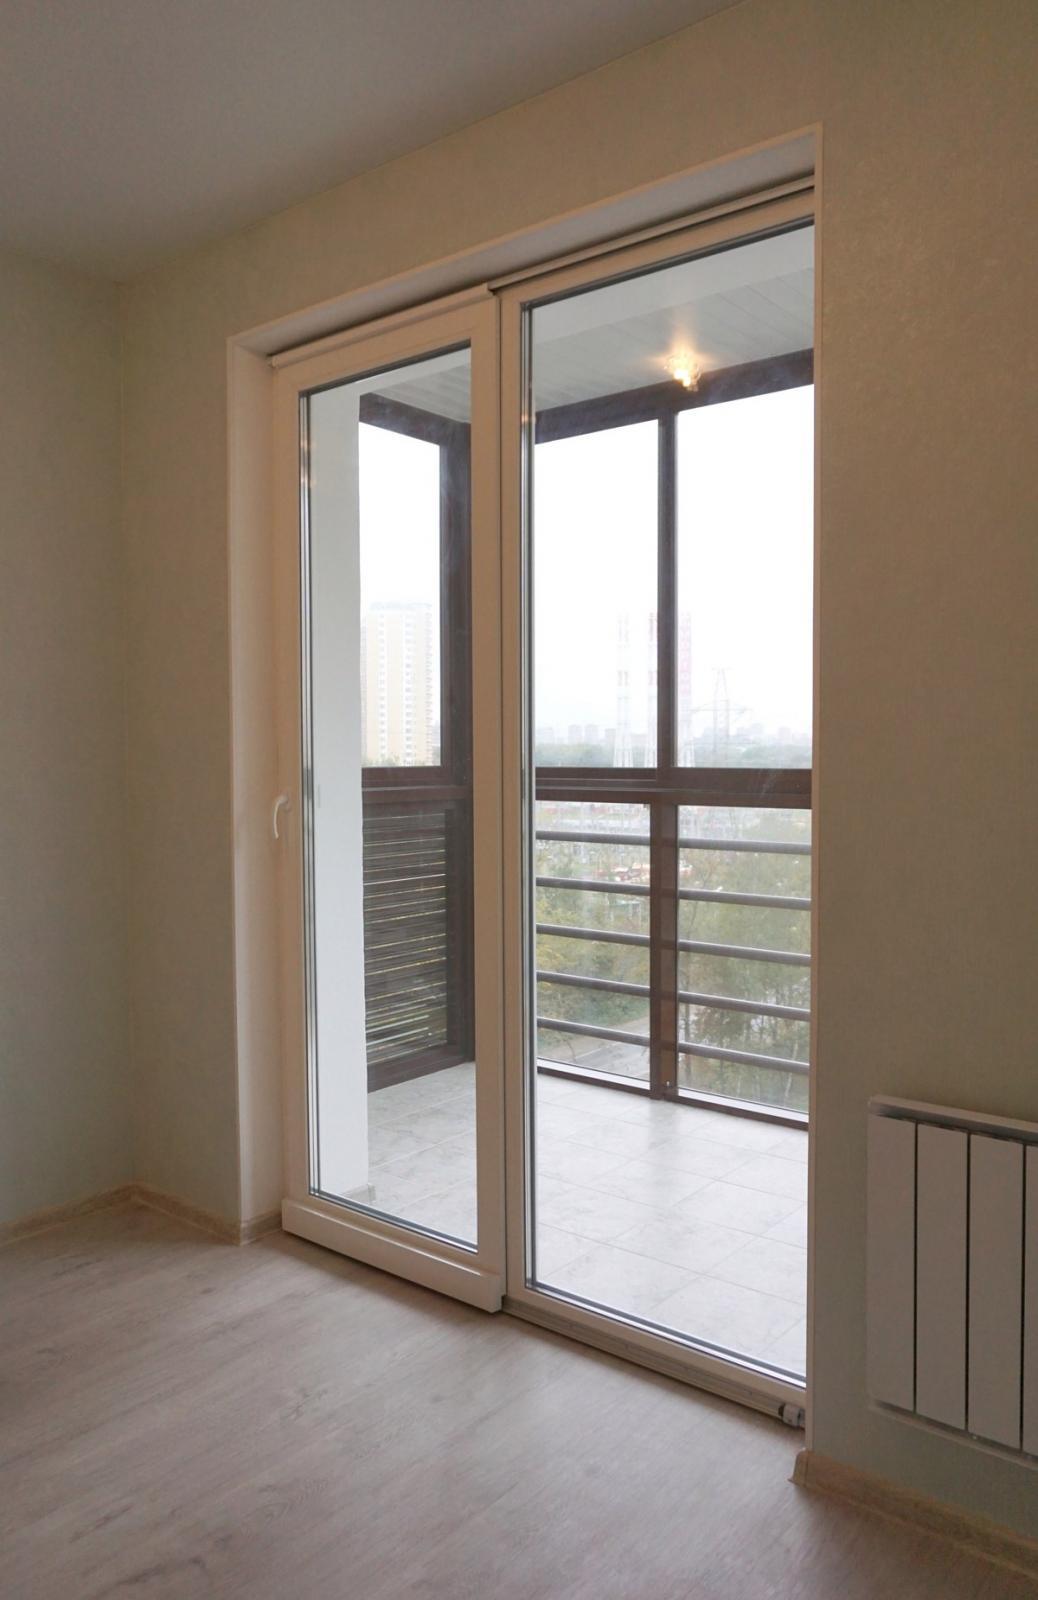 французские окна в квартире на балкон фото оно